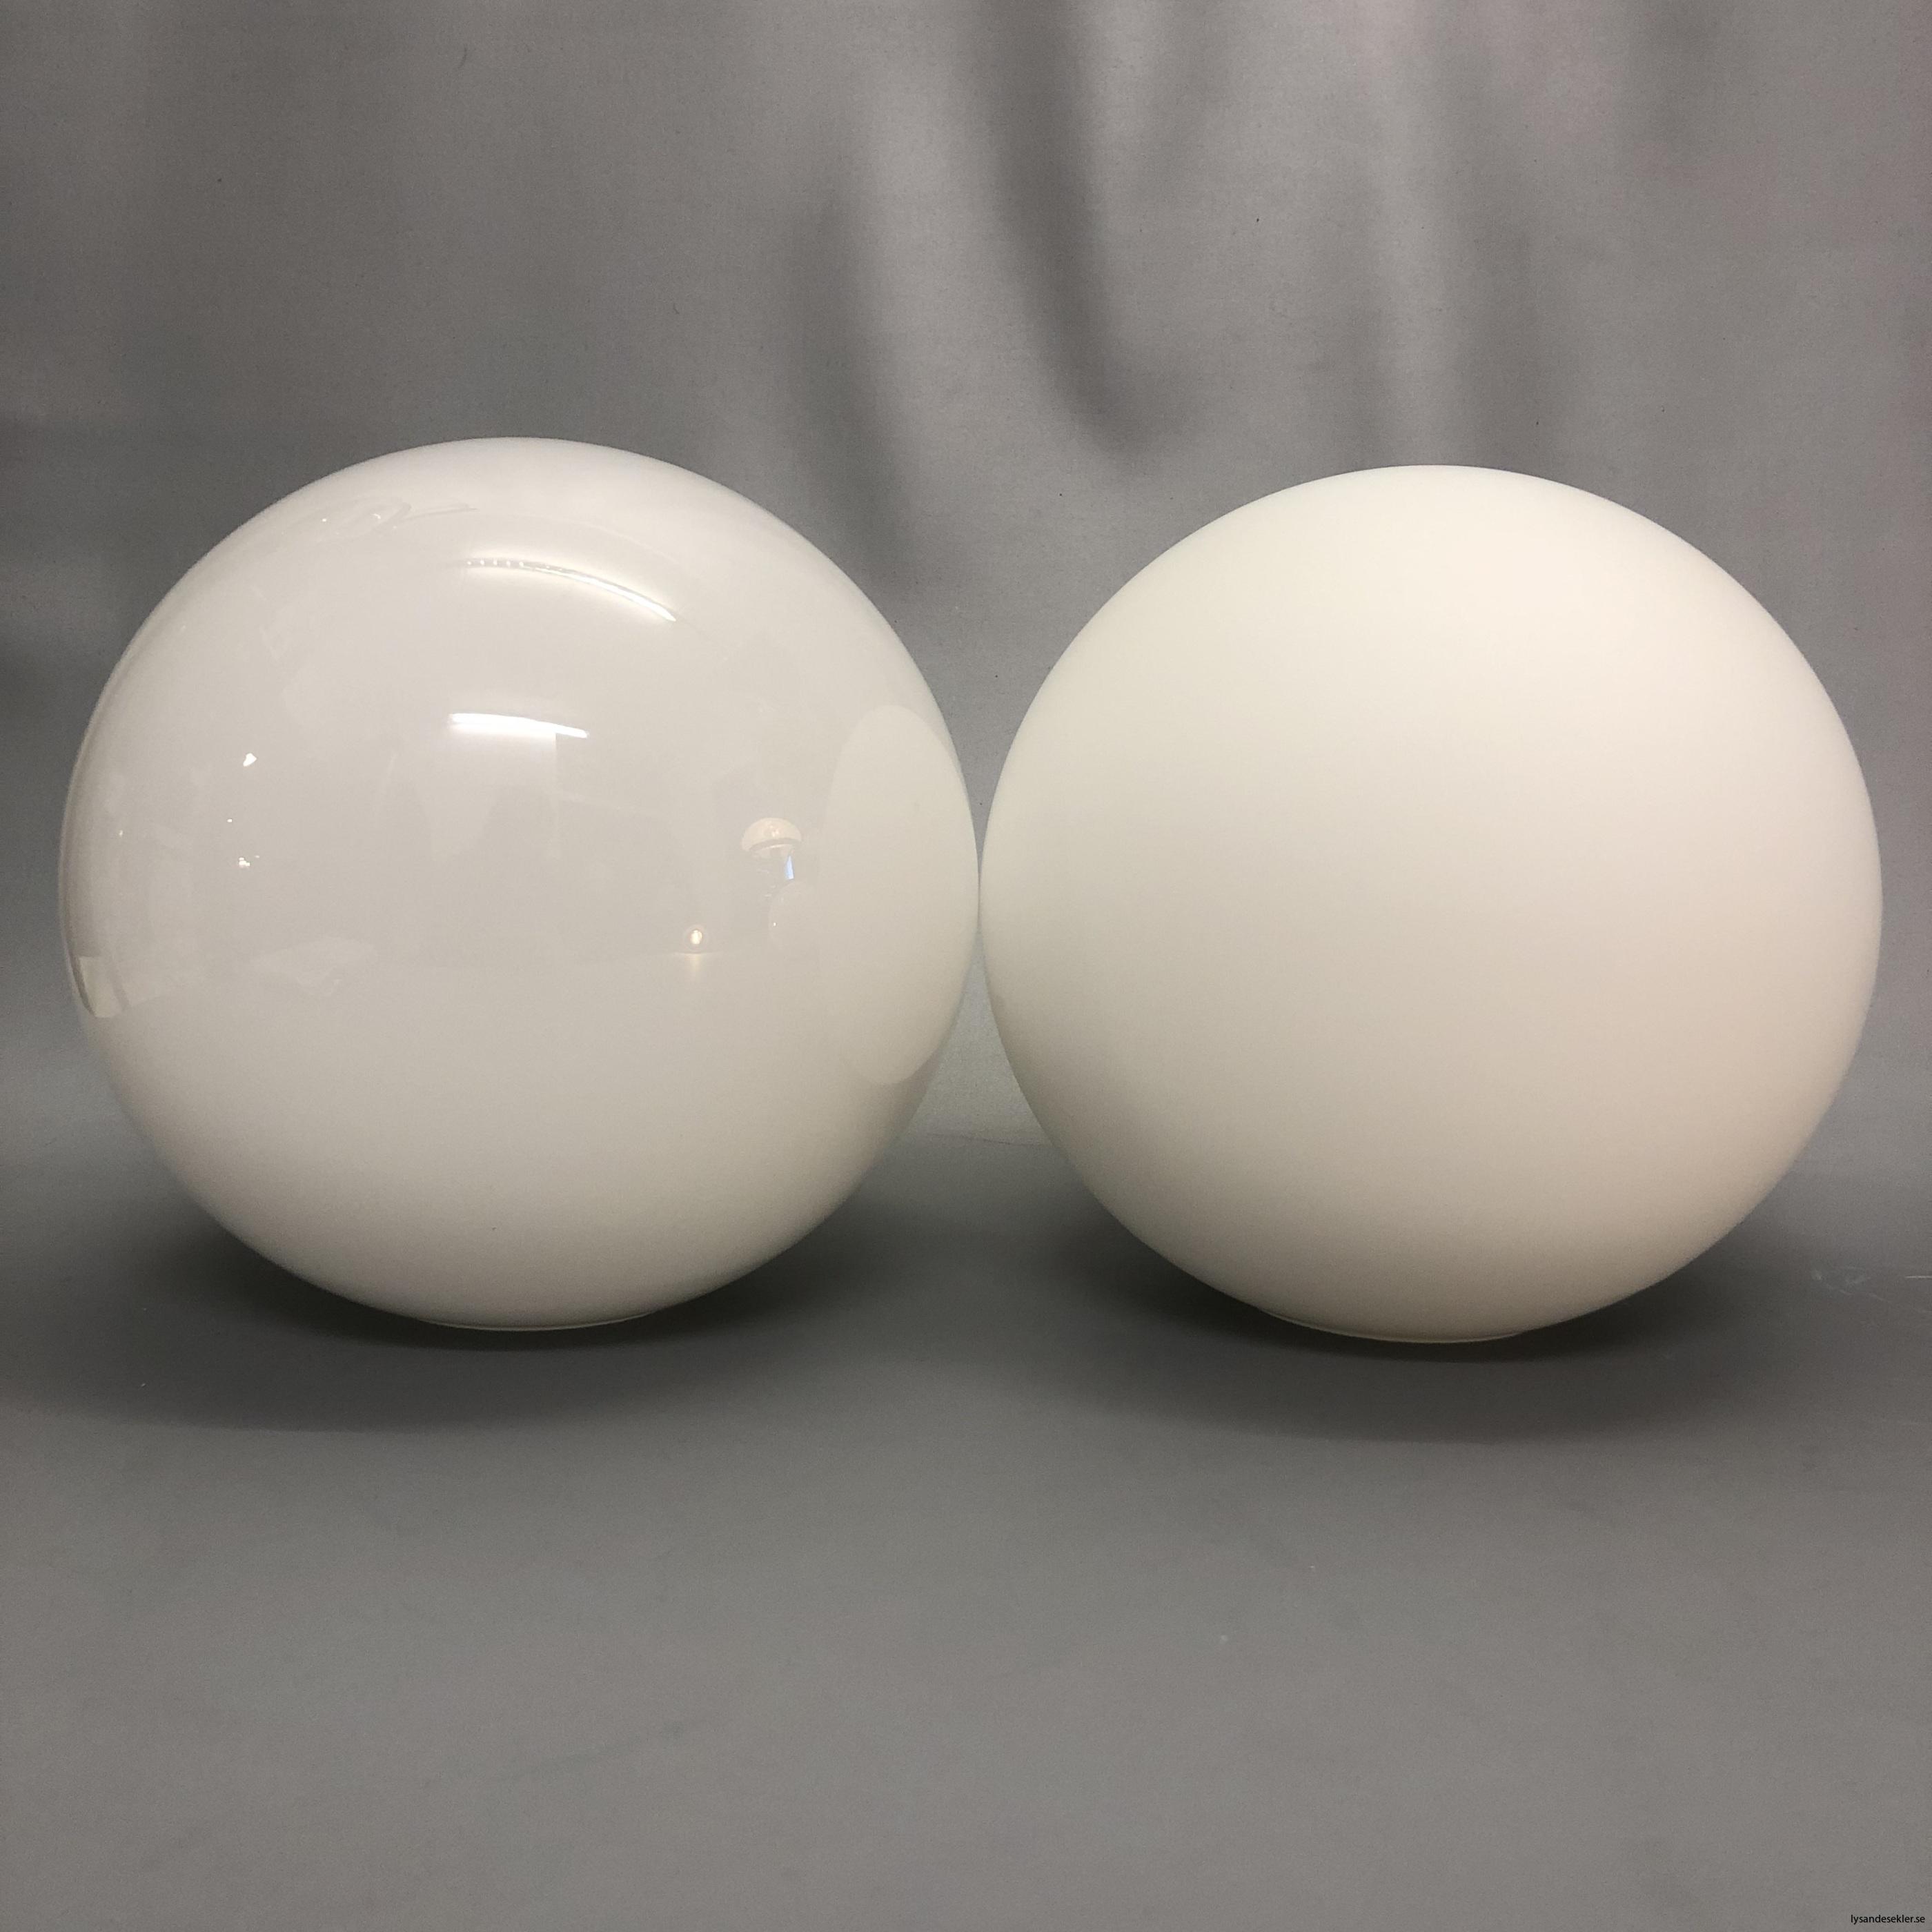 klot glas lampklot lampglas klotglas matt blankt vitt hålkupa hål4